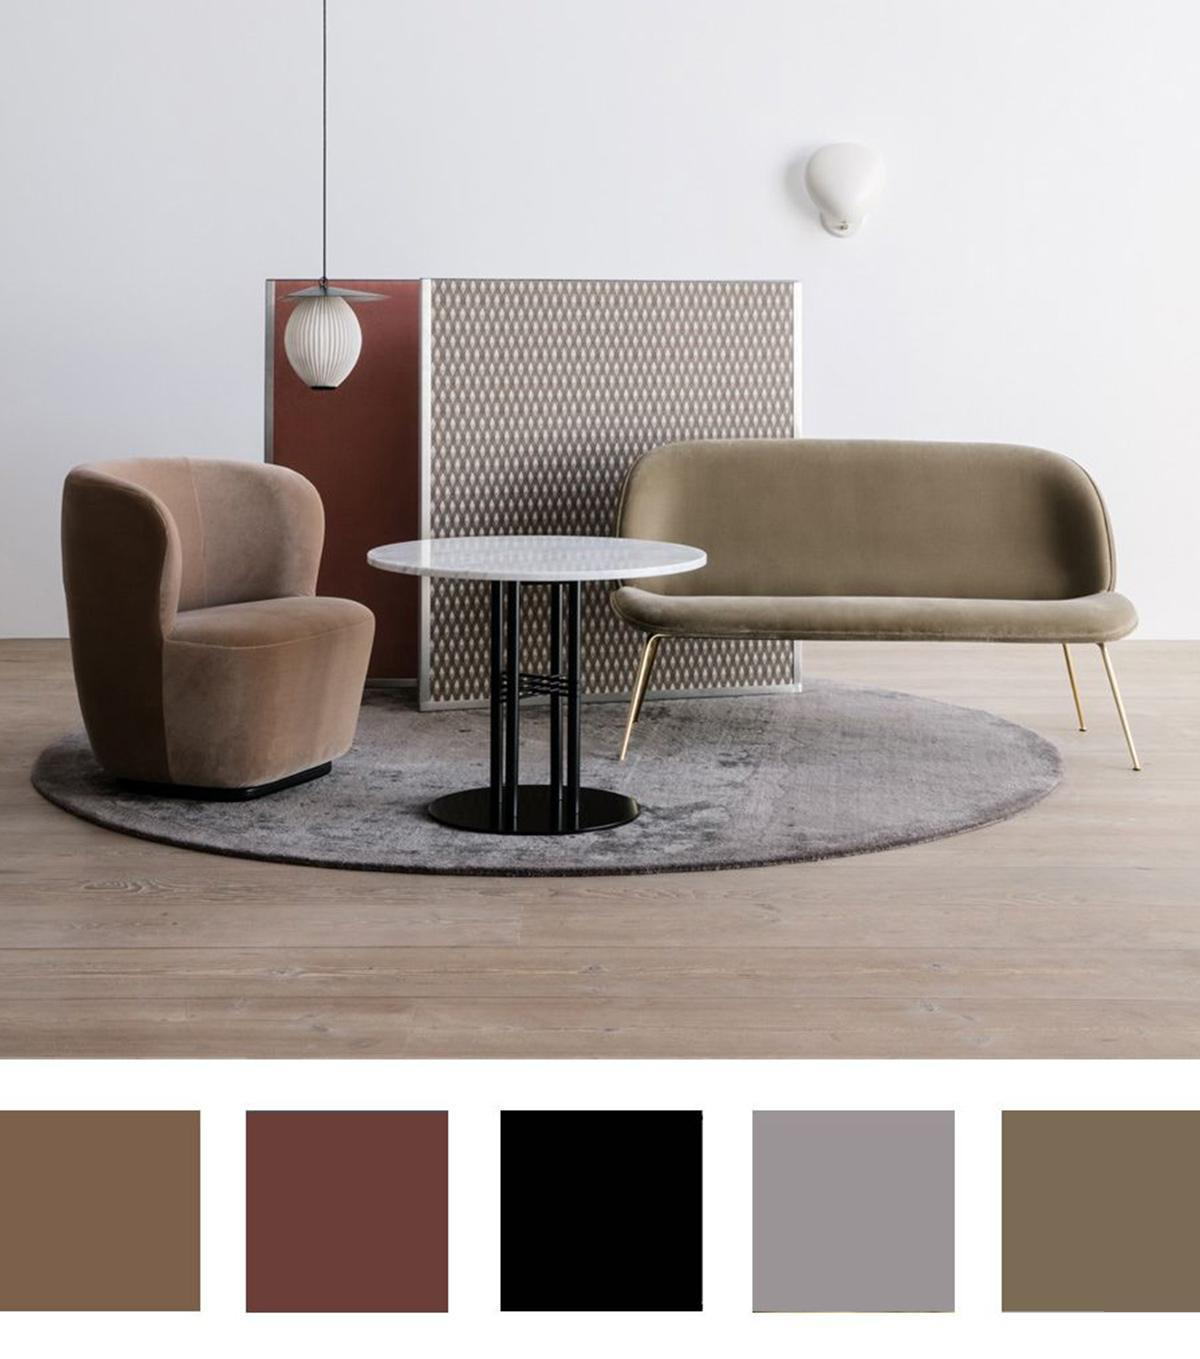 lựa chọn màu sắc nhẹ nhàng trong thiết kế